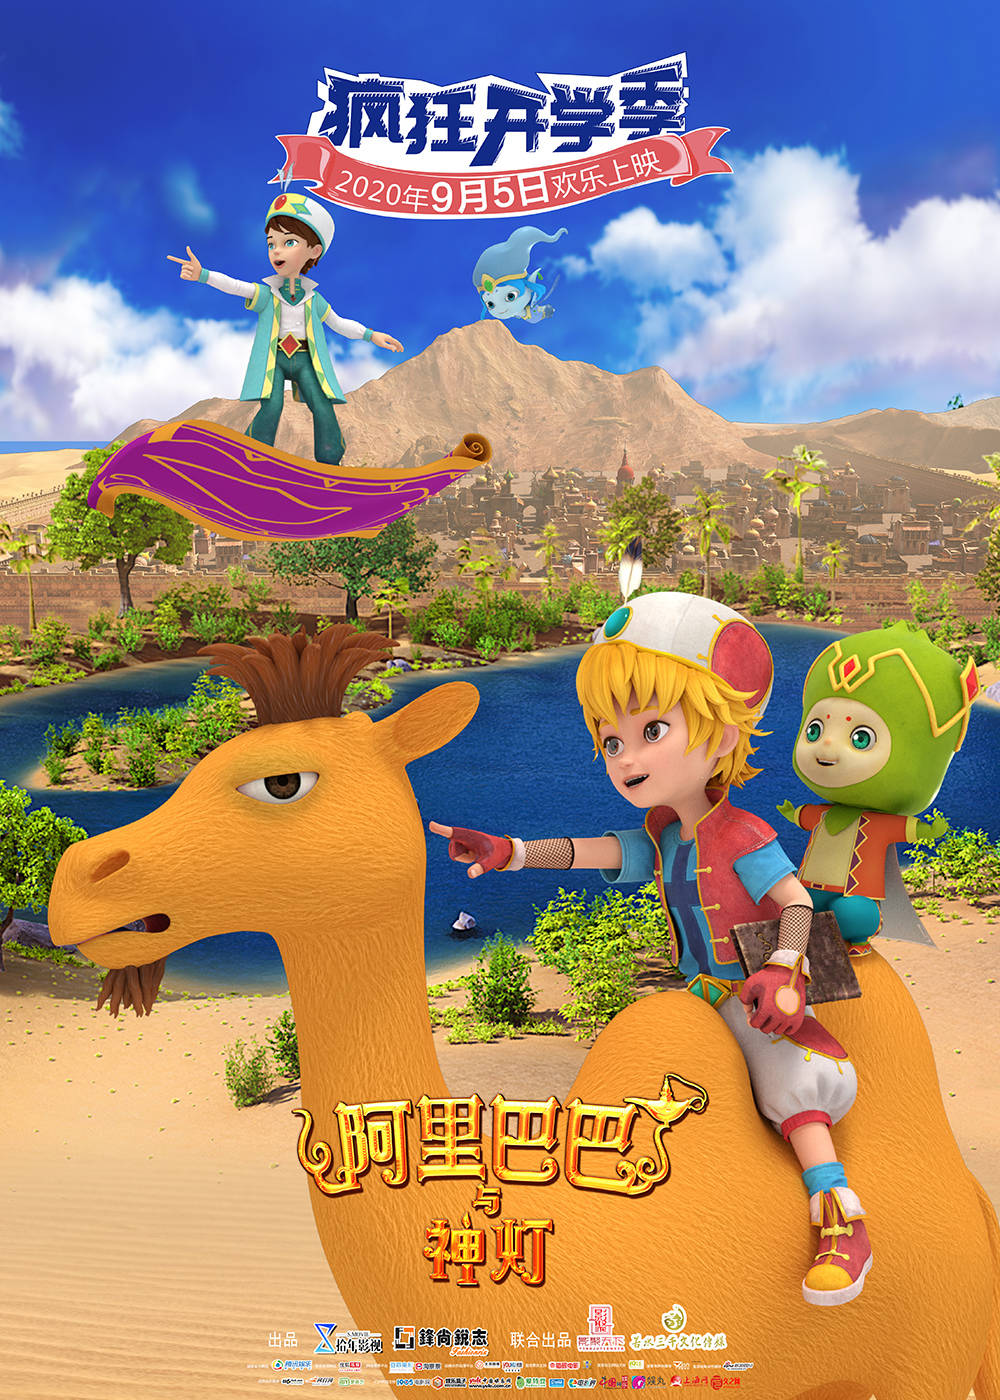 疯狂开学季!系列动画电影《阿里巴巴与神灯》定档2020年9月5日扬帆起航!